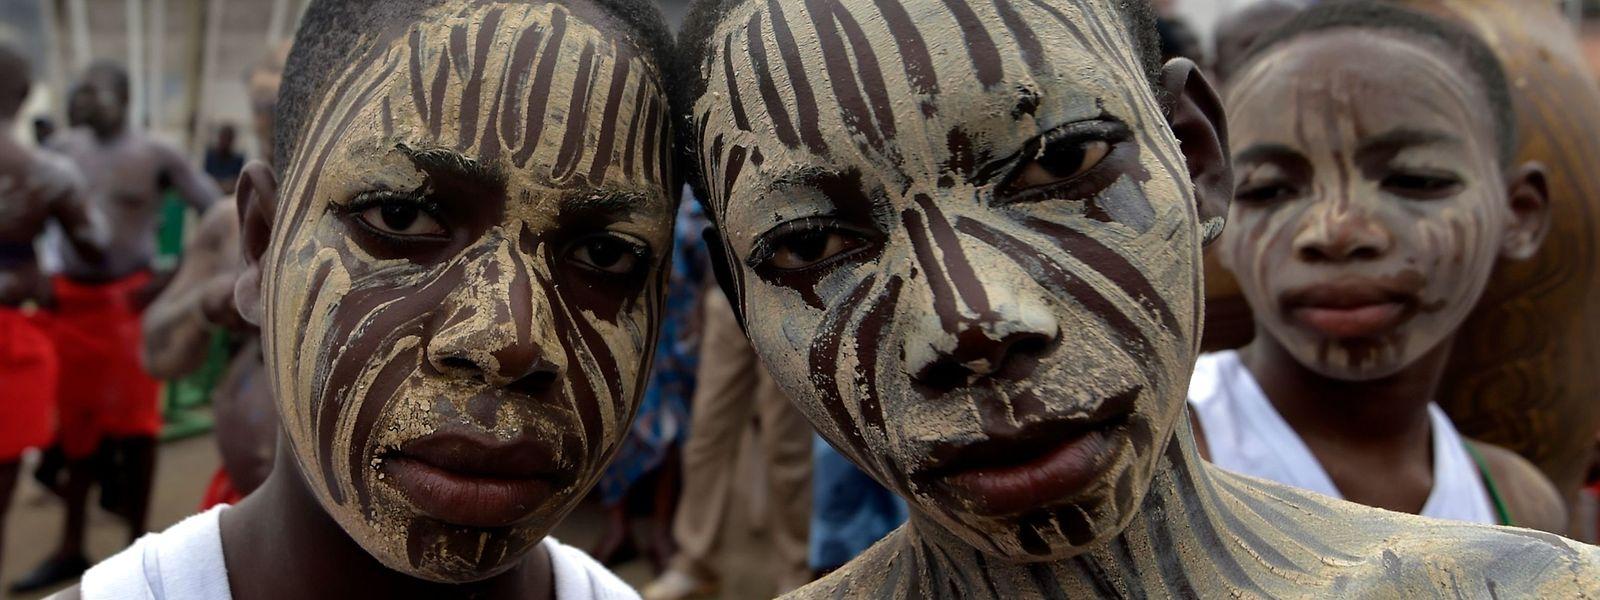 """Abidjan (Elfenbeinküste). Gelebte Tradition: Nach der mit Tanz und Ritualen untermalten """"Fatchue""""-Zeremonie sind die beiden jungen Männer der """"Blessoue Djehou""""-Generation bereit die Geschicke der Dorfgemeinschaft mitzugestalten."""